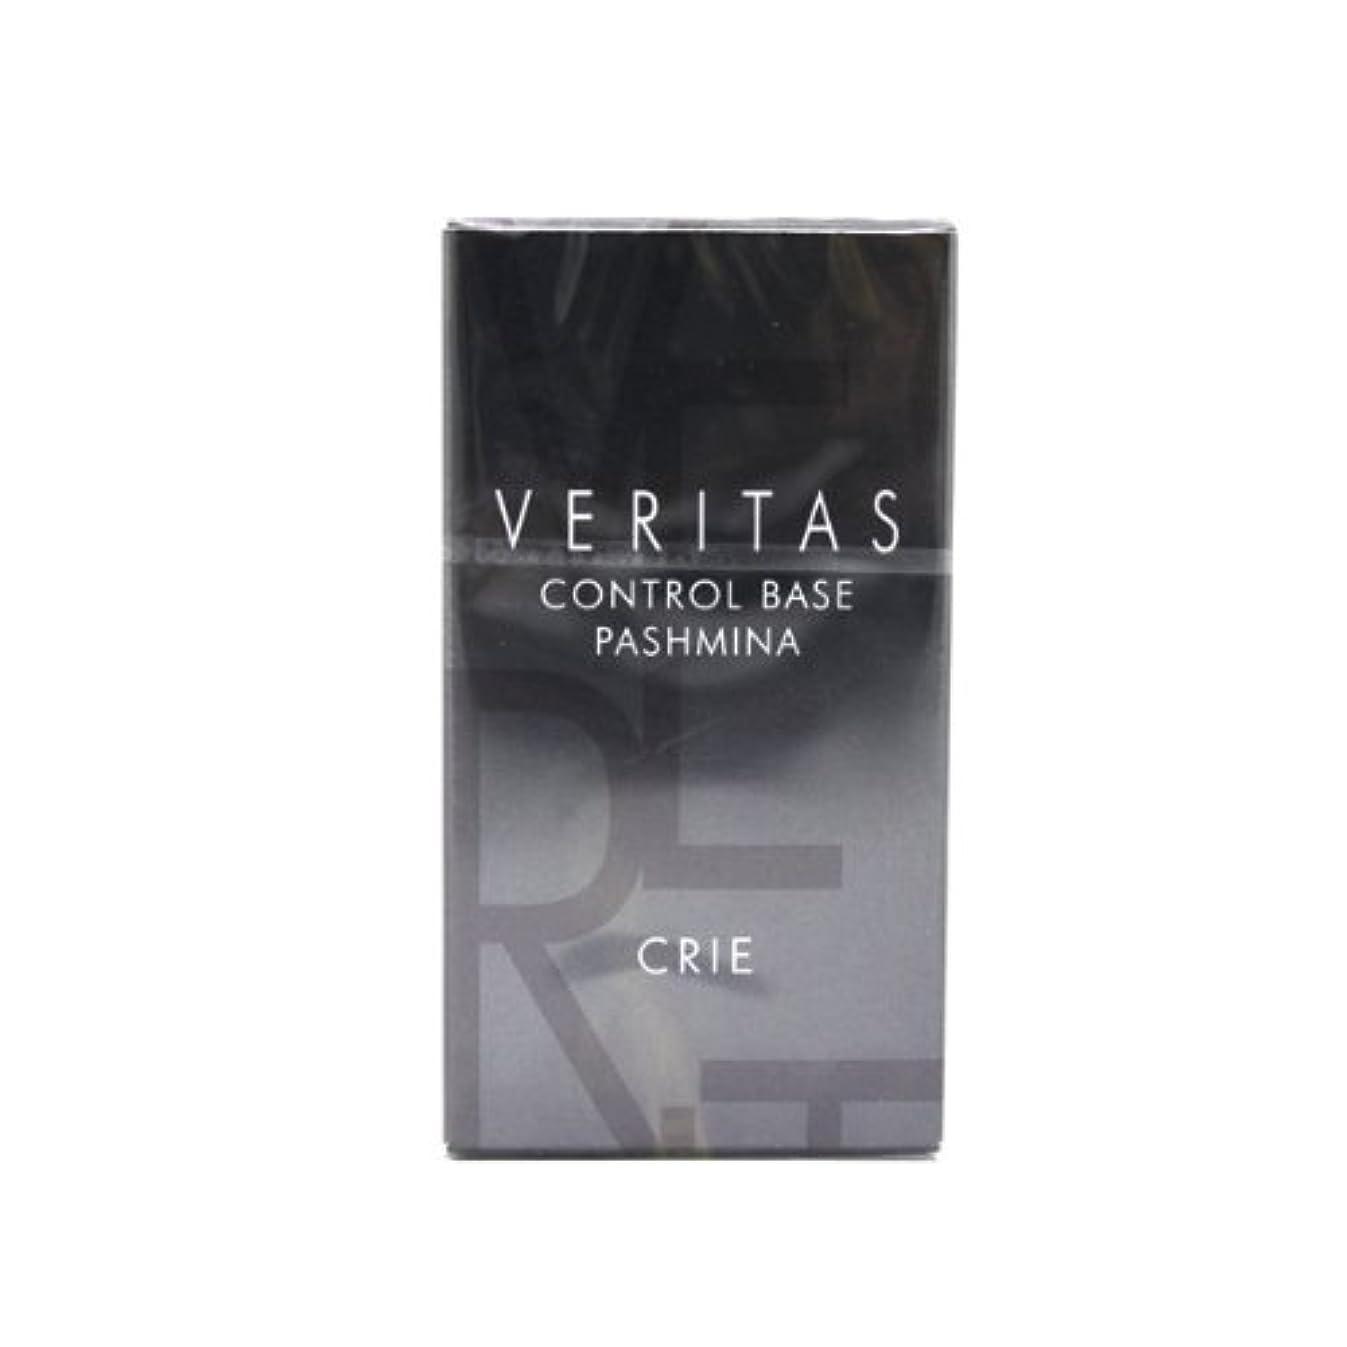 たっぷり外観いいねCRIE(クリエ) ヴェリタス コントロールベース パシュミナ 051 オレンジ 30ml